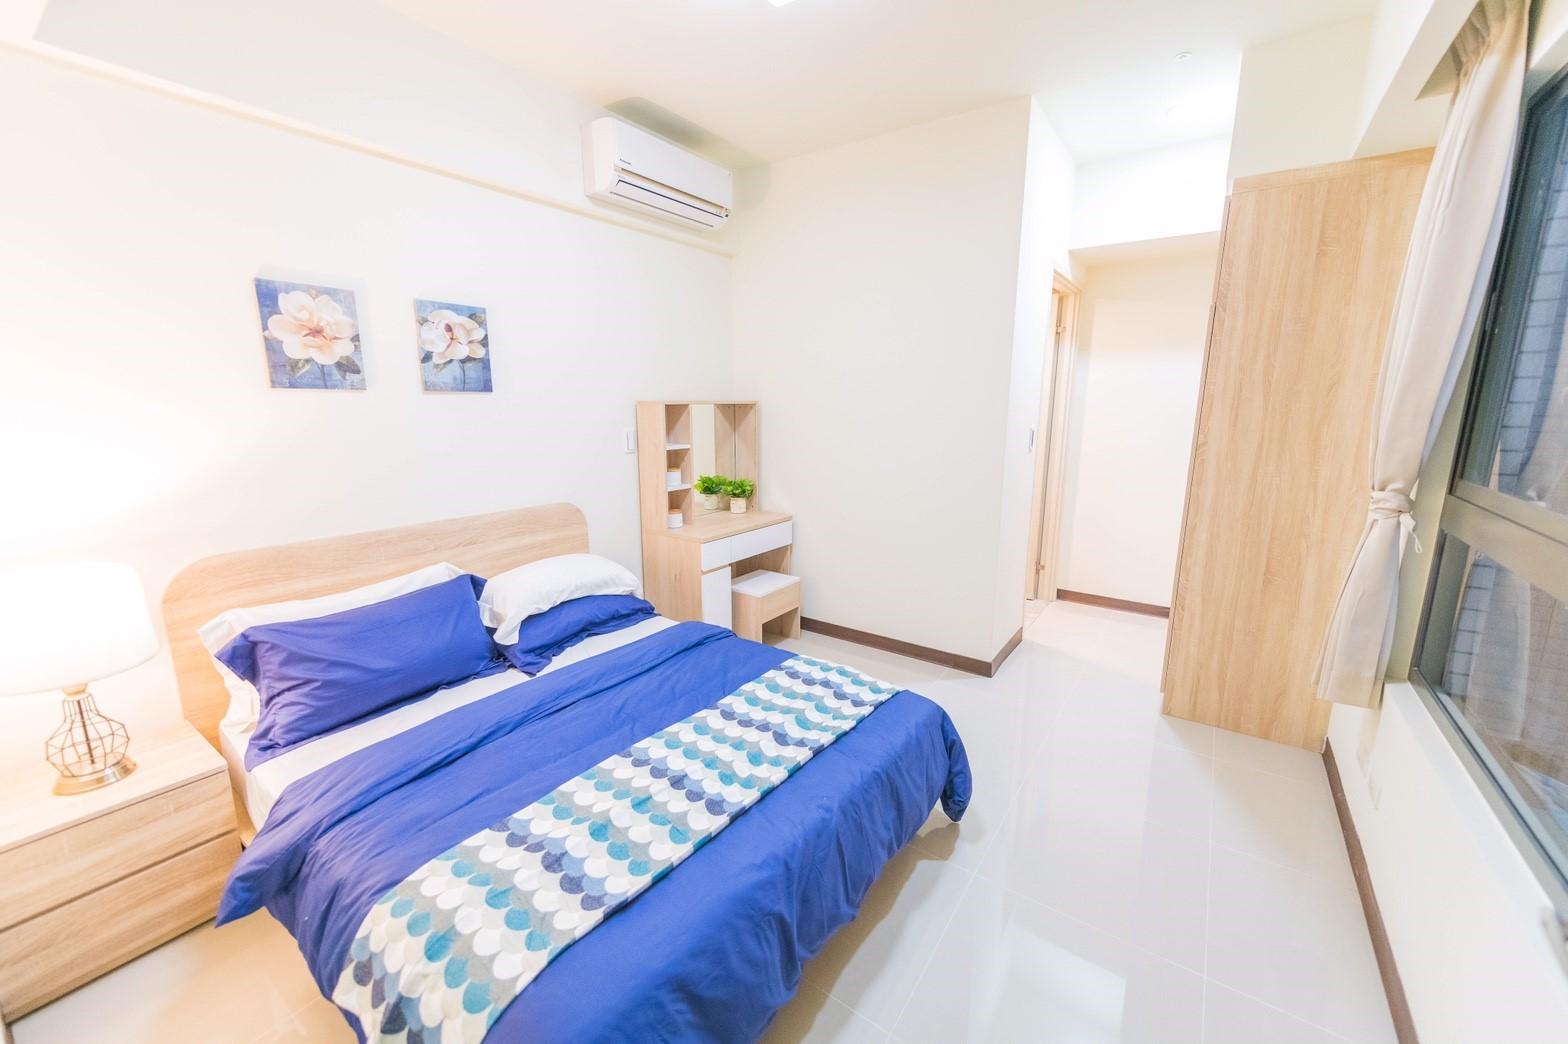 中路二號社會住宅臥室寬敞、舒適